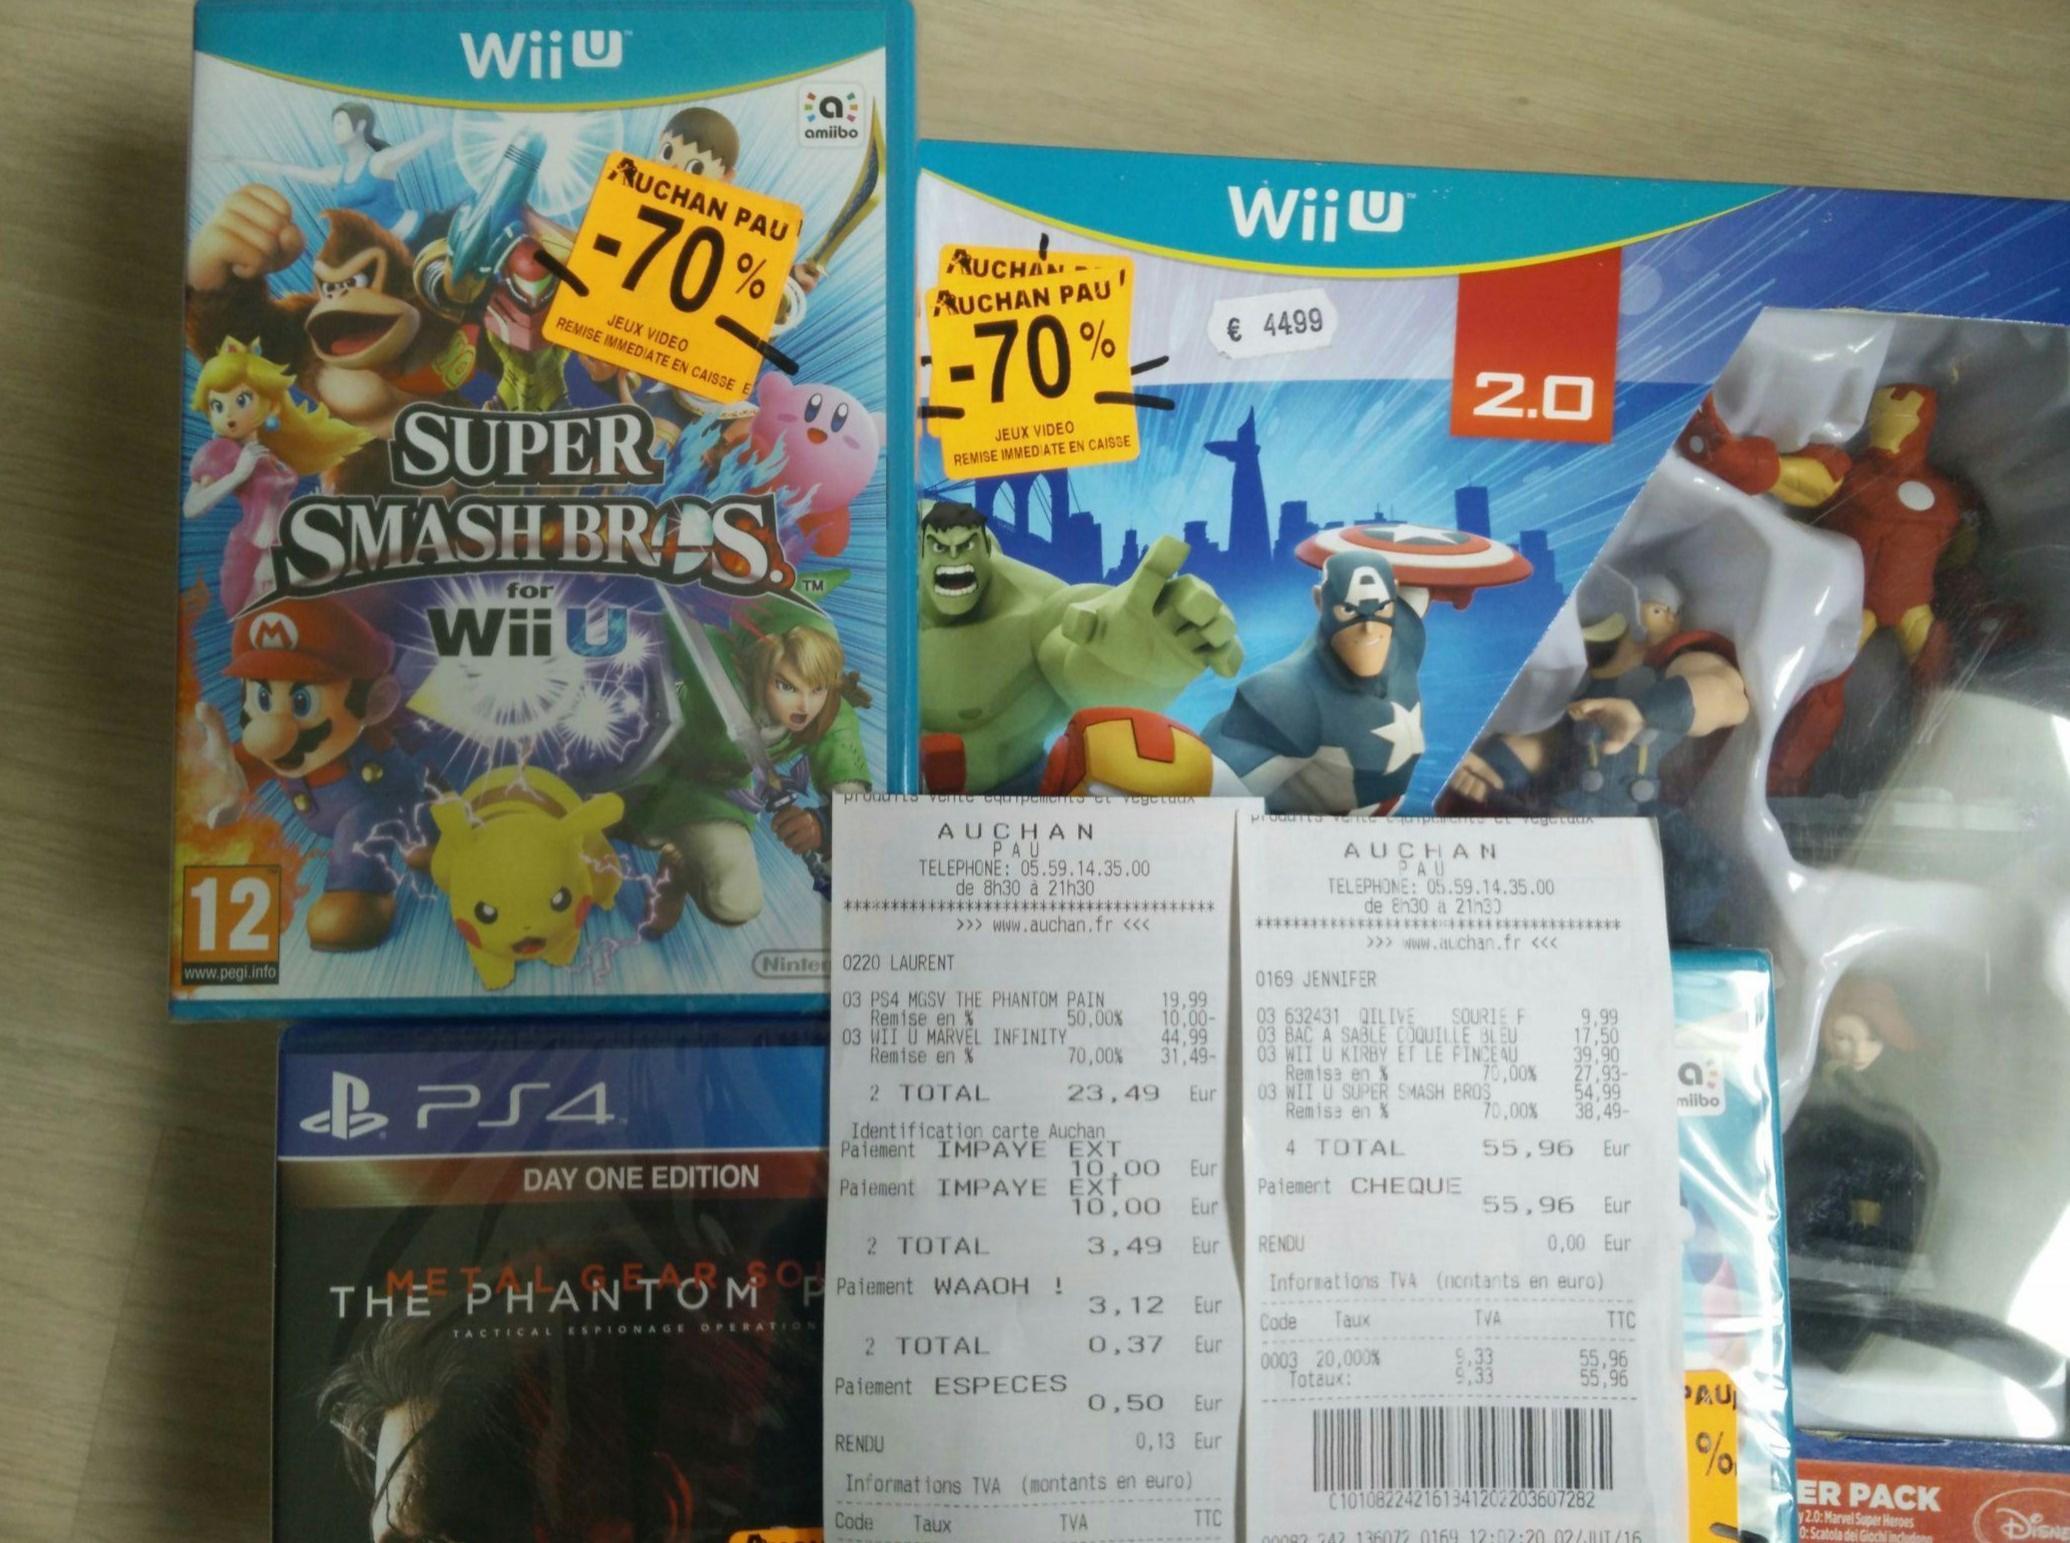 Sélection de jeux vidéo en promotion - Ex : Jeu Super smash Bros sur Wii U